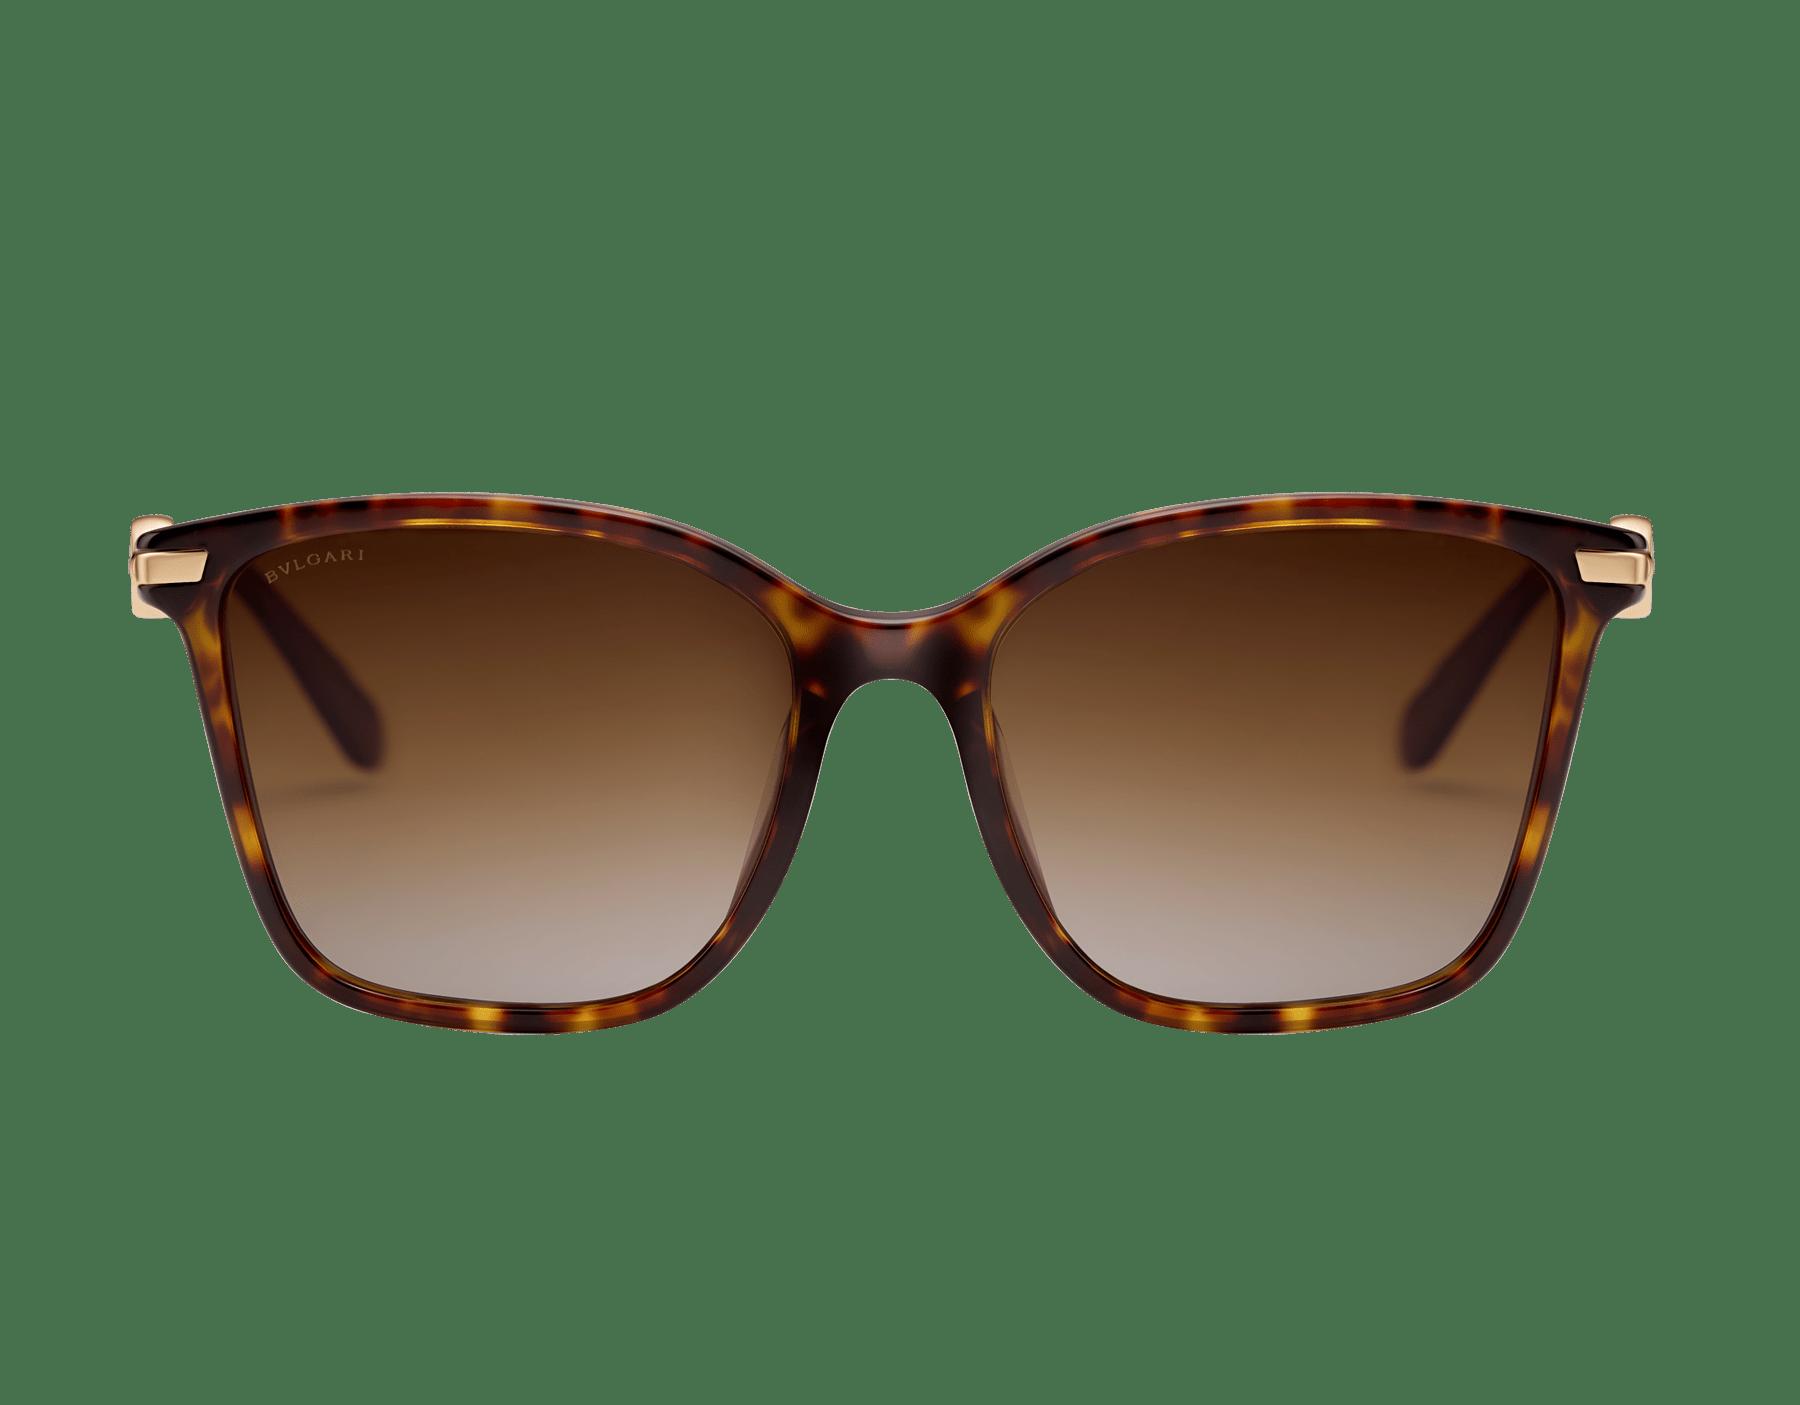 Quadratische BVLGARI BVLGARI Sonnenbrille aus Acetat mit Metallverzierung. 903824 image 2